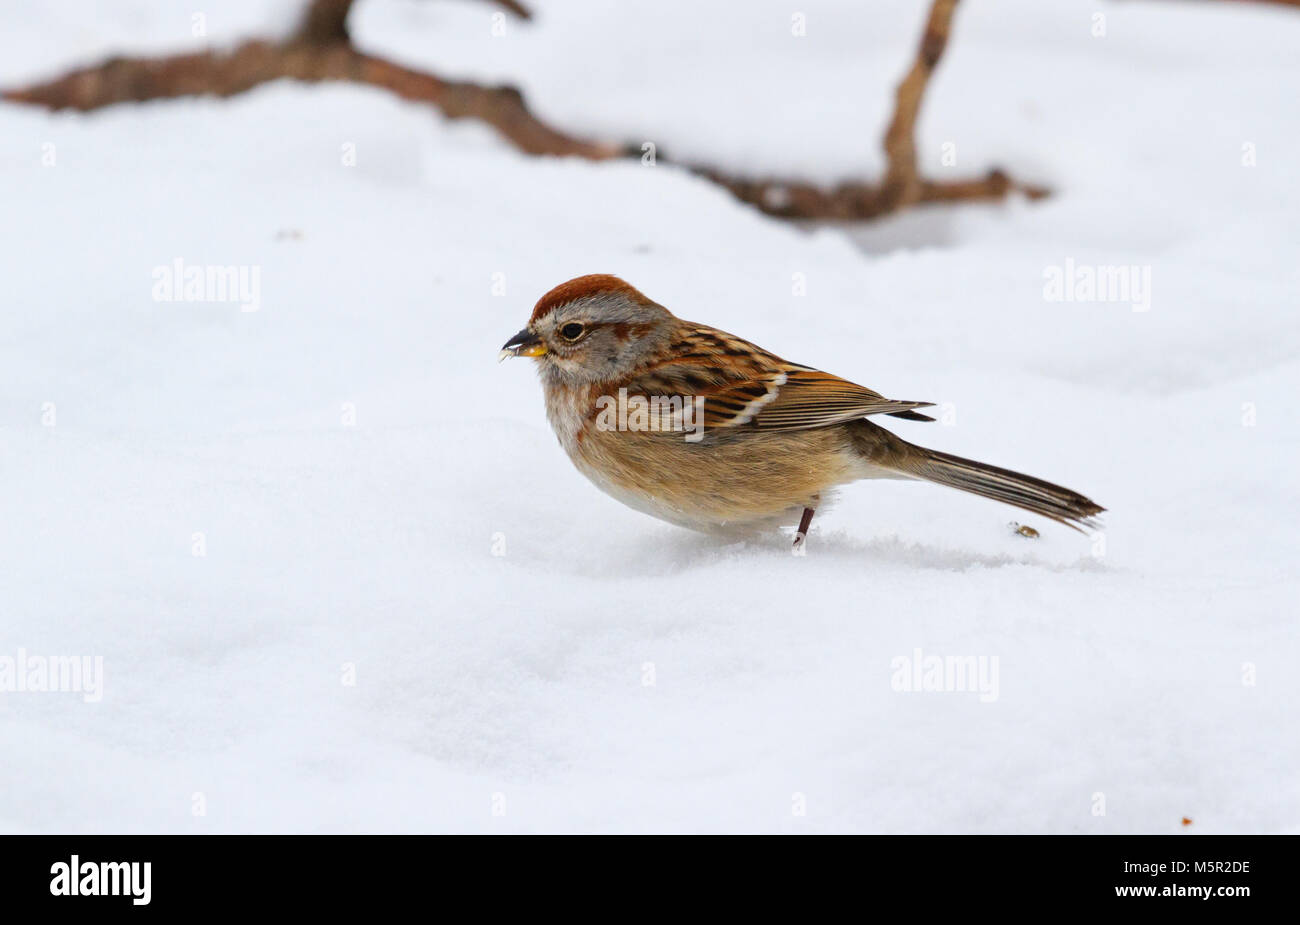 American Tree Sparrow (Spizella arborea) in snow - Stock Image